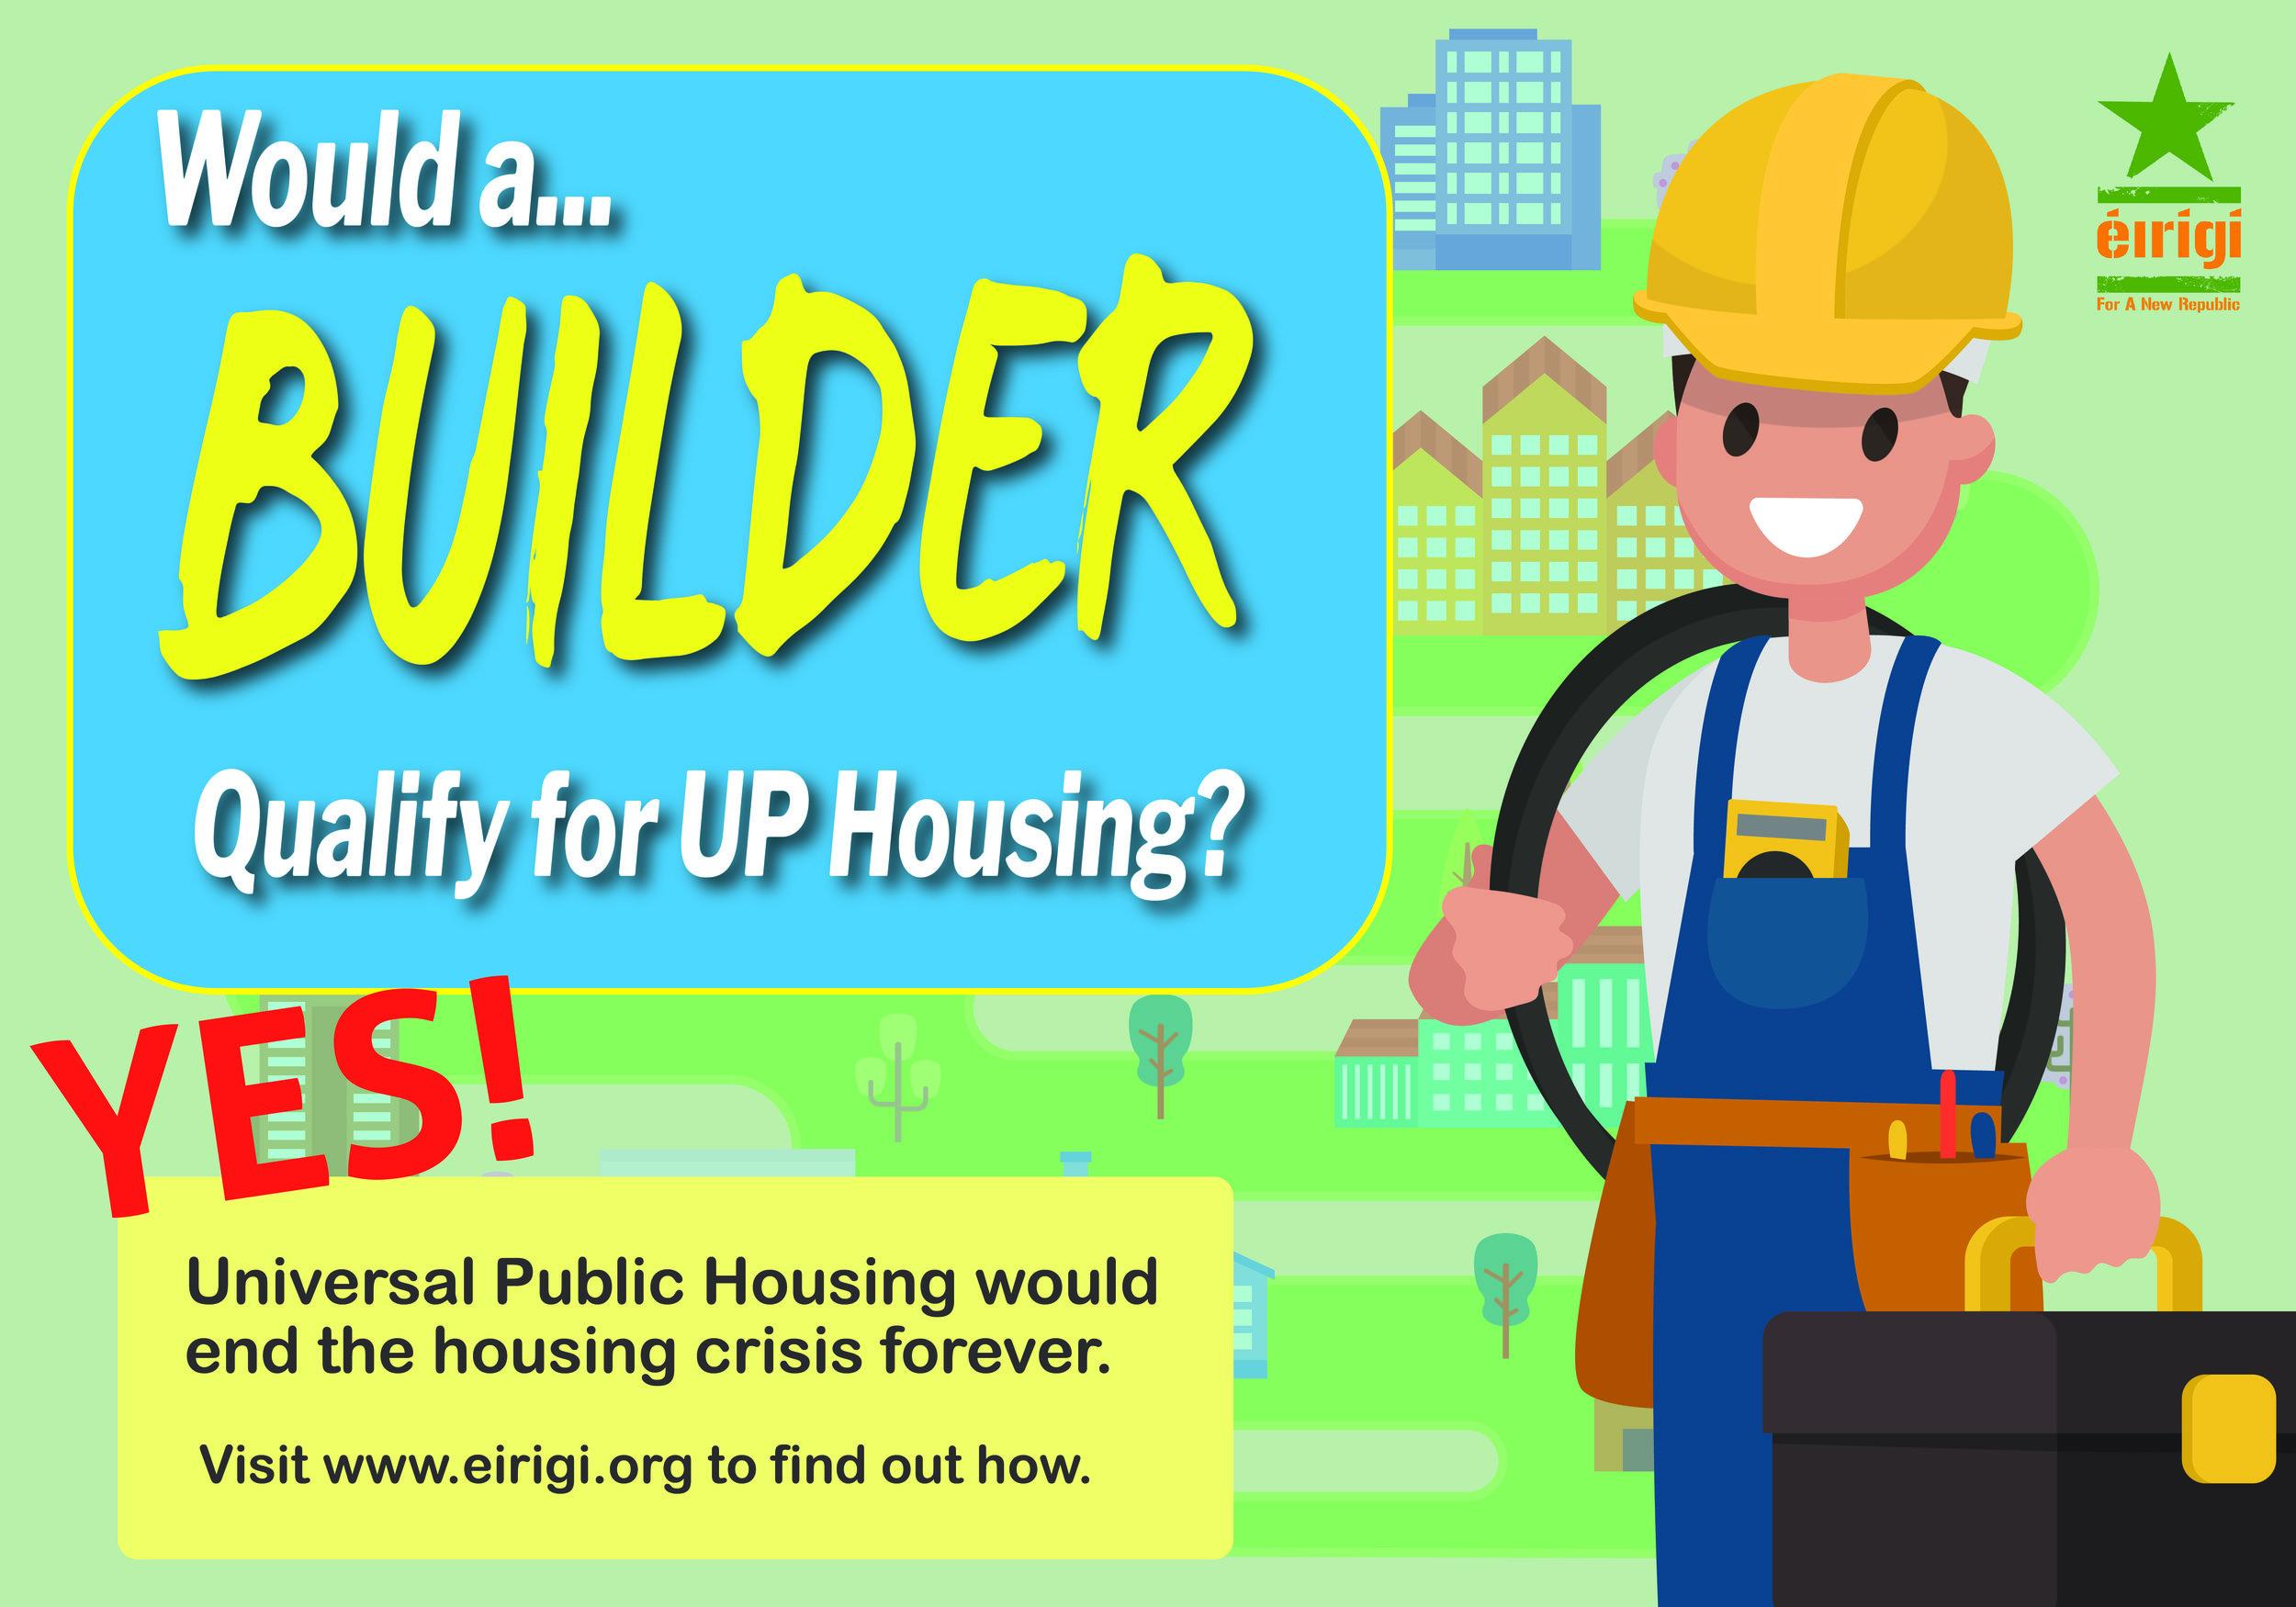 builder-01.jpg